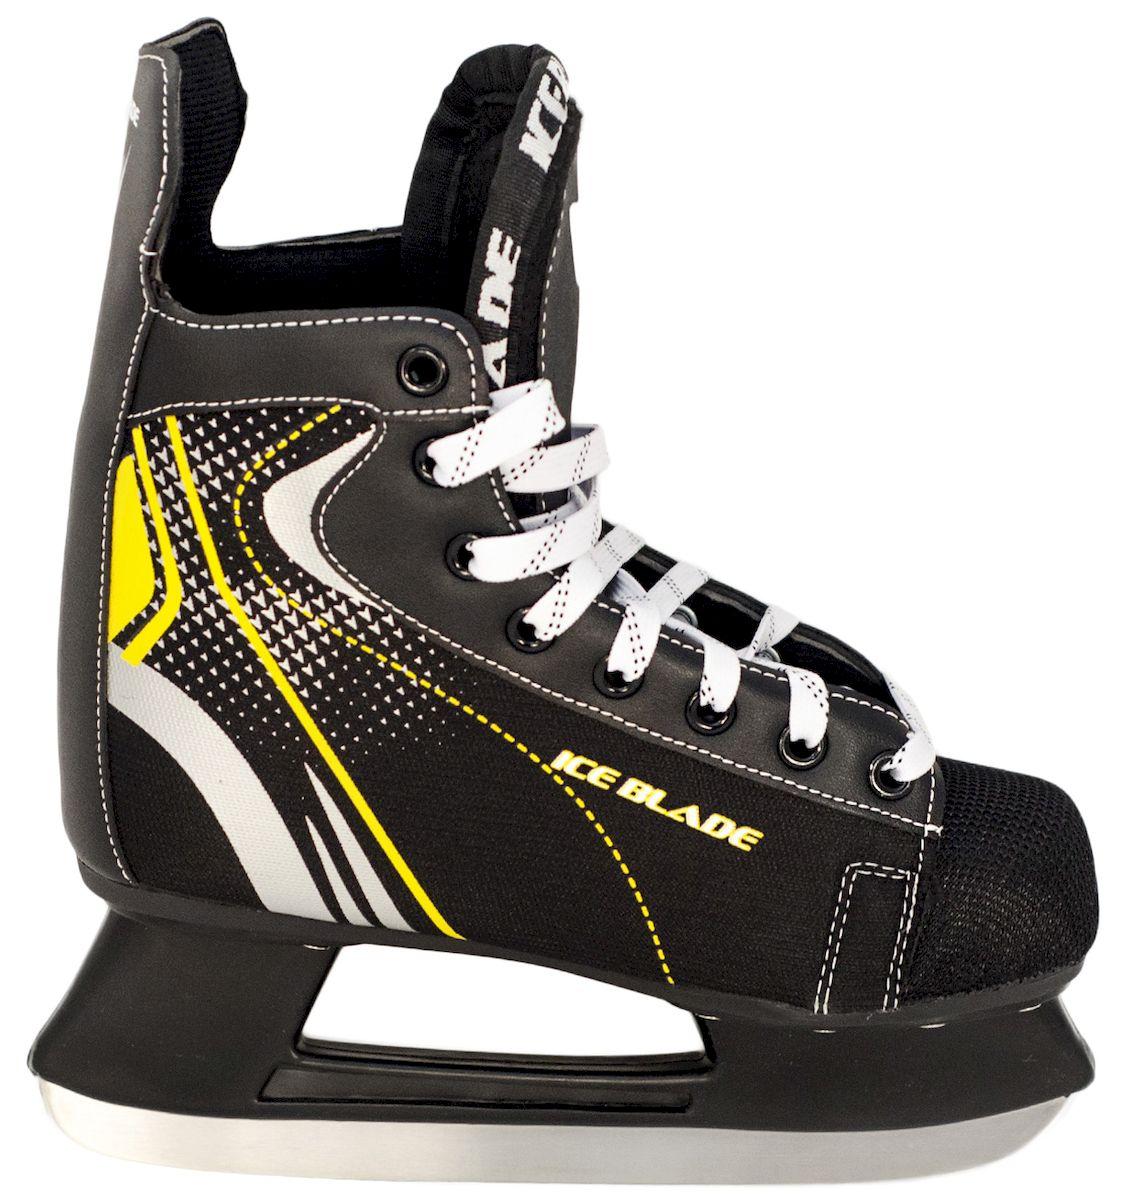 Коньки хоккейные Ice Blade Shark, цвет: черный, желтый. УТ-00006841. Размер 43